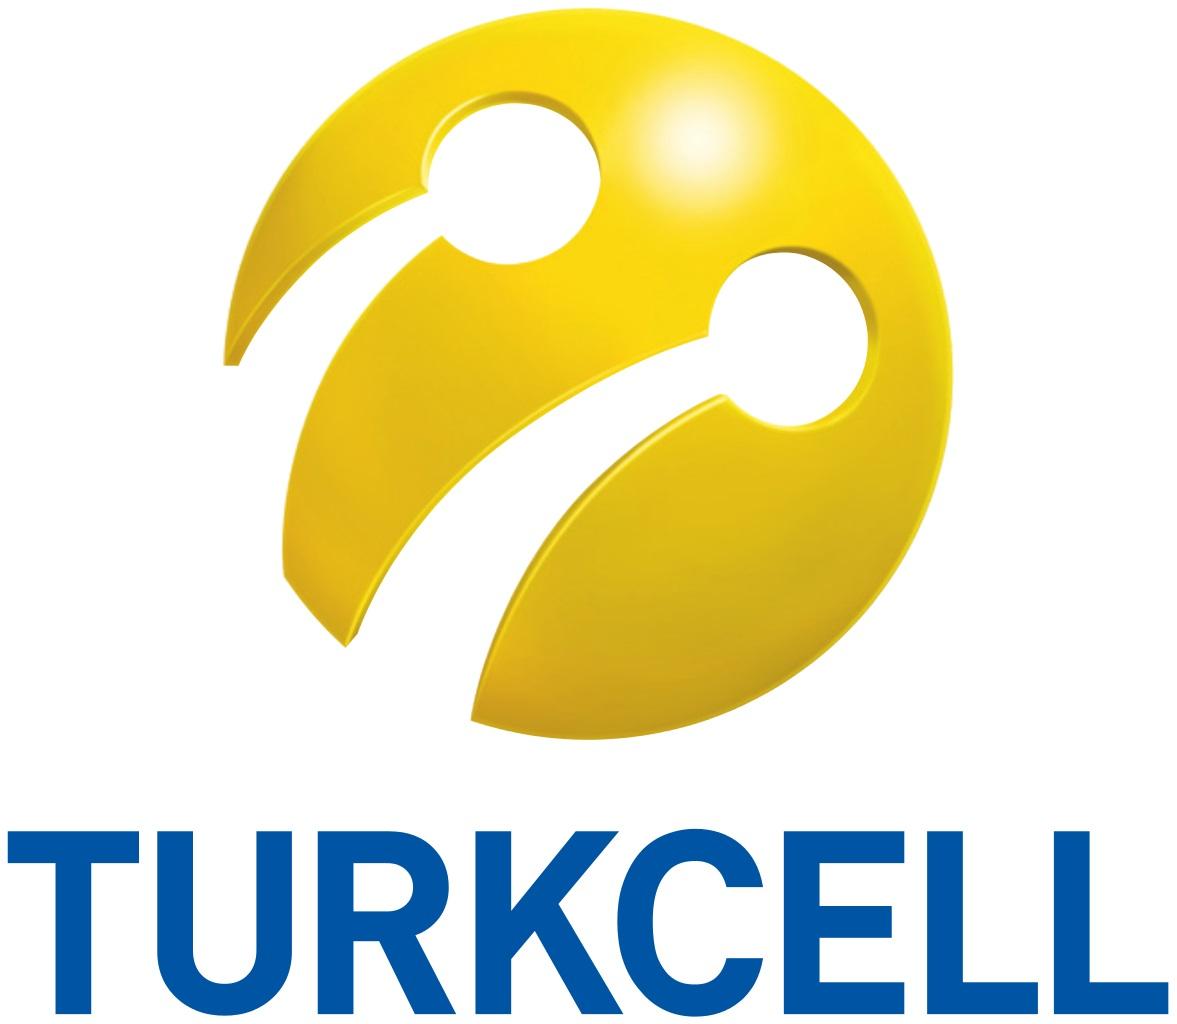 Turkcell İletişim Hizmetleri A.Ş.